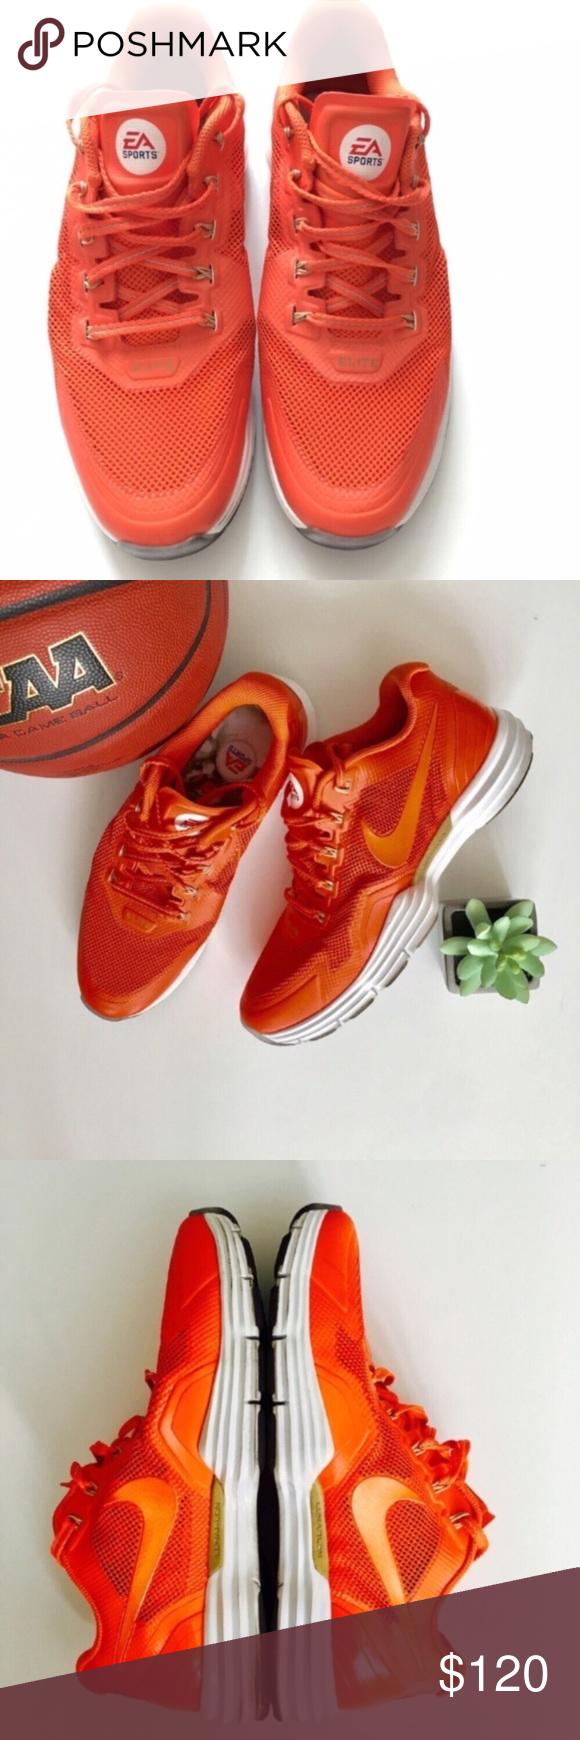 cheaper bac26 78579 Nike Barry Sanders Lunar NCAA Football Size 13 Nike Barry Sanders Nike  Lunar TR1 EA NCAA